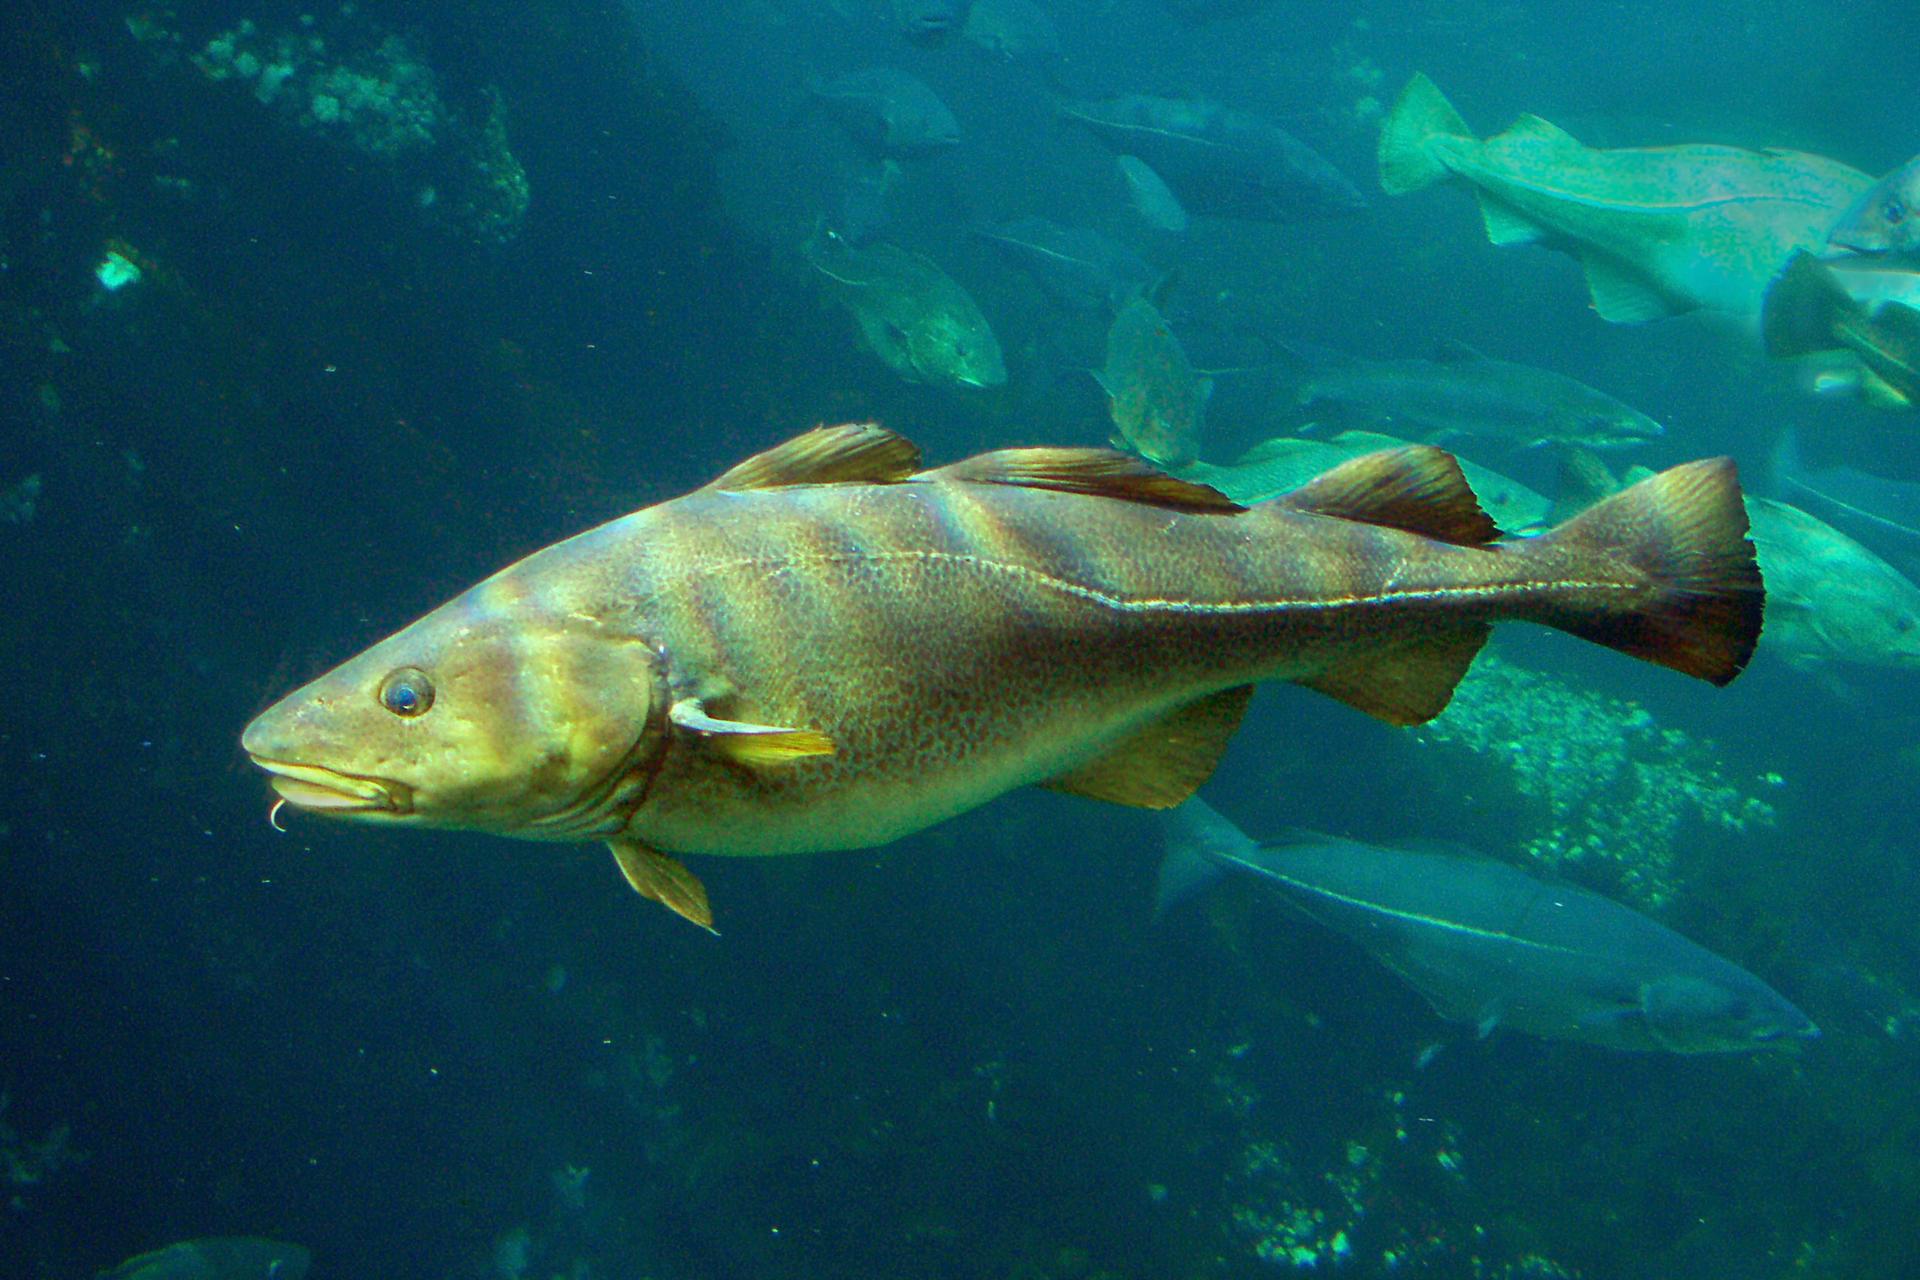 Zdjęcie dorsza. Ryba pływa wmorzu. Ma wydłużone, opływowe cialo. Na spodzie głowy znajduje się krótki wyrostek.